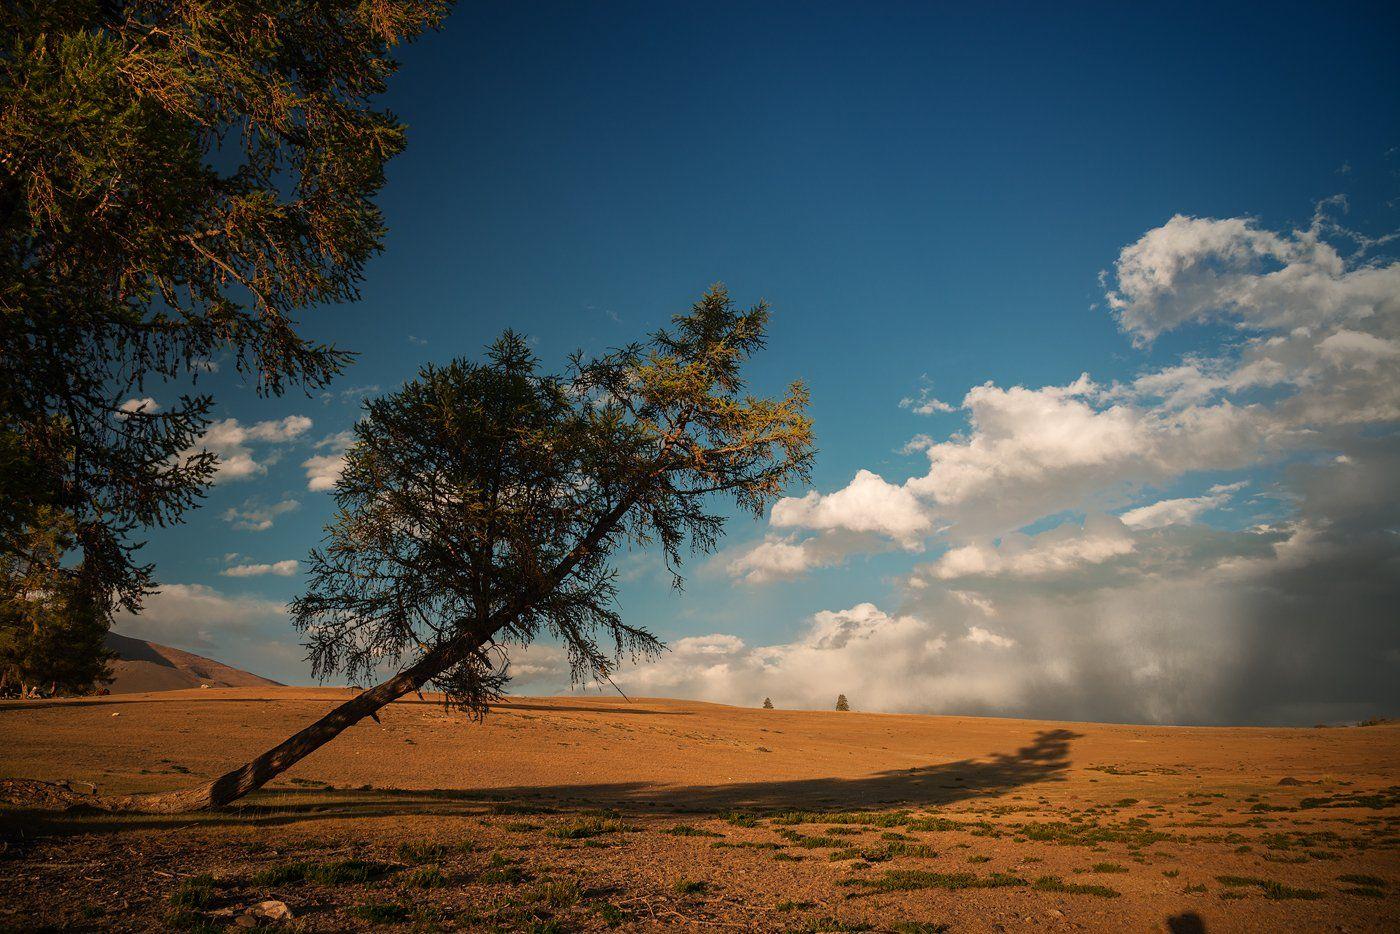 пейзаж, природа, вечер, теплый, Курай, Алтай, Сибирь, облака, дерево, падает, покосилось, синий, желтый, зеленый, красивая, большой, высокий, Дмитрий Антипов